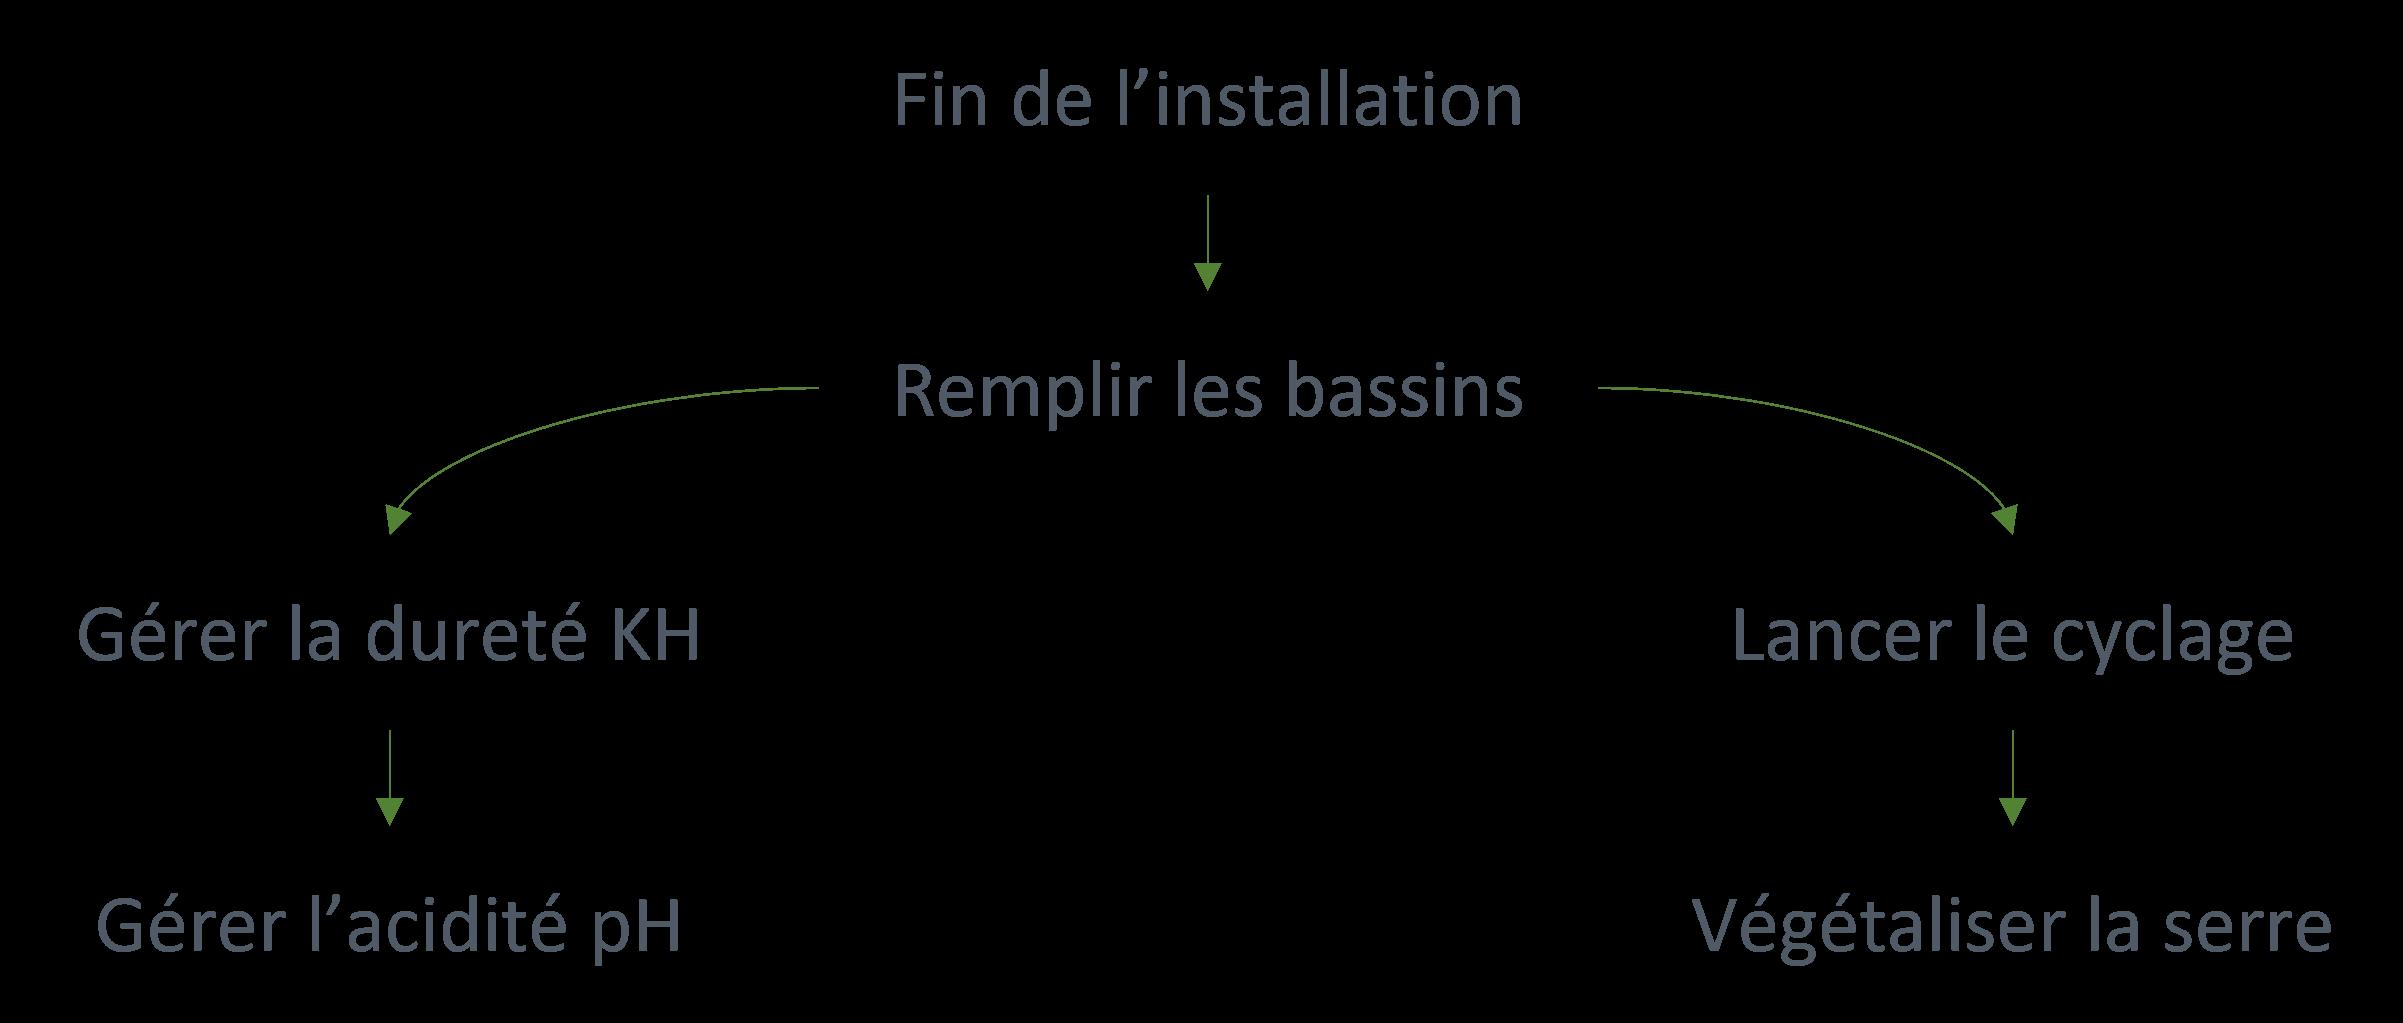 Schéma récapitulatif des étapes pour la mise en route de la serre en bioponie.